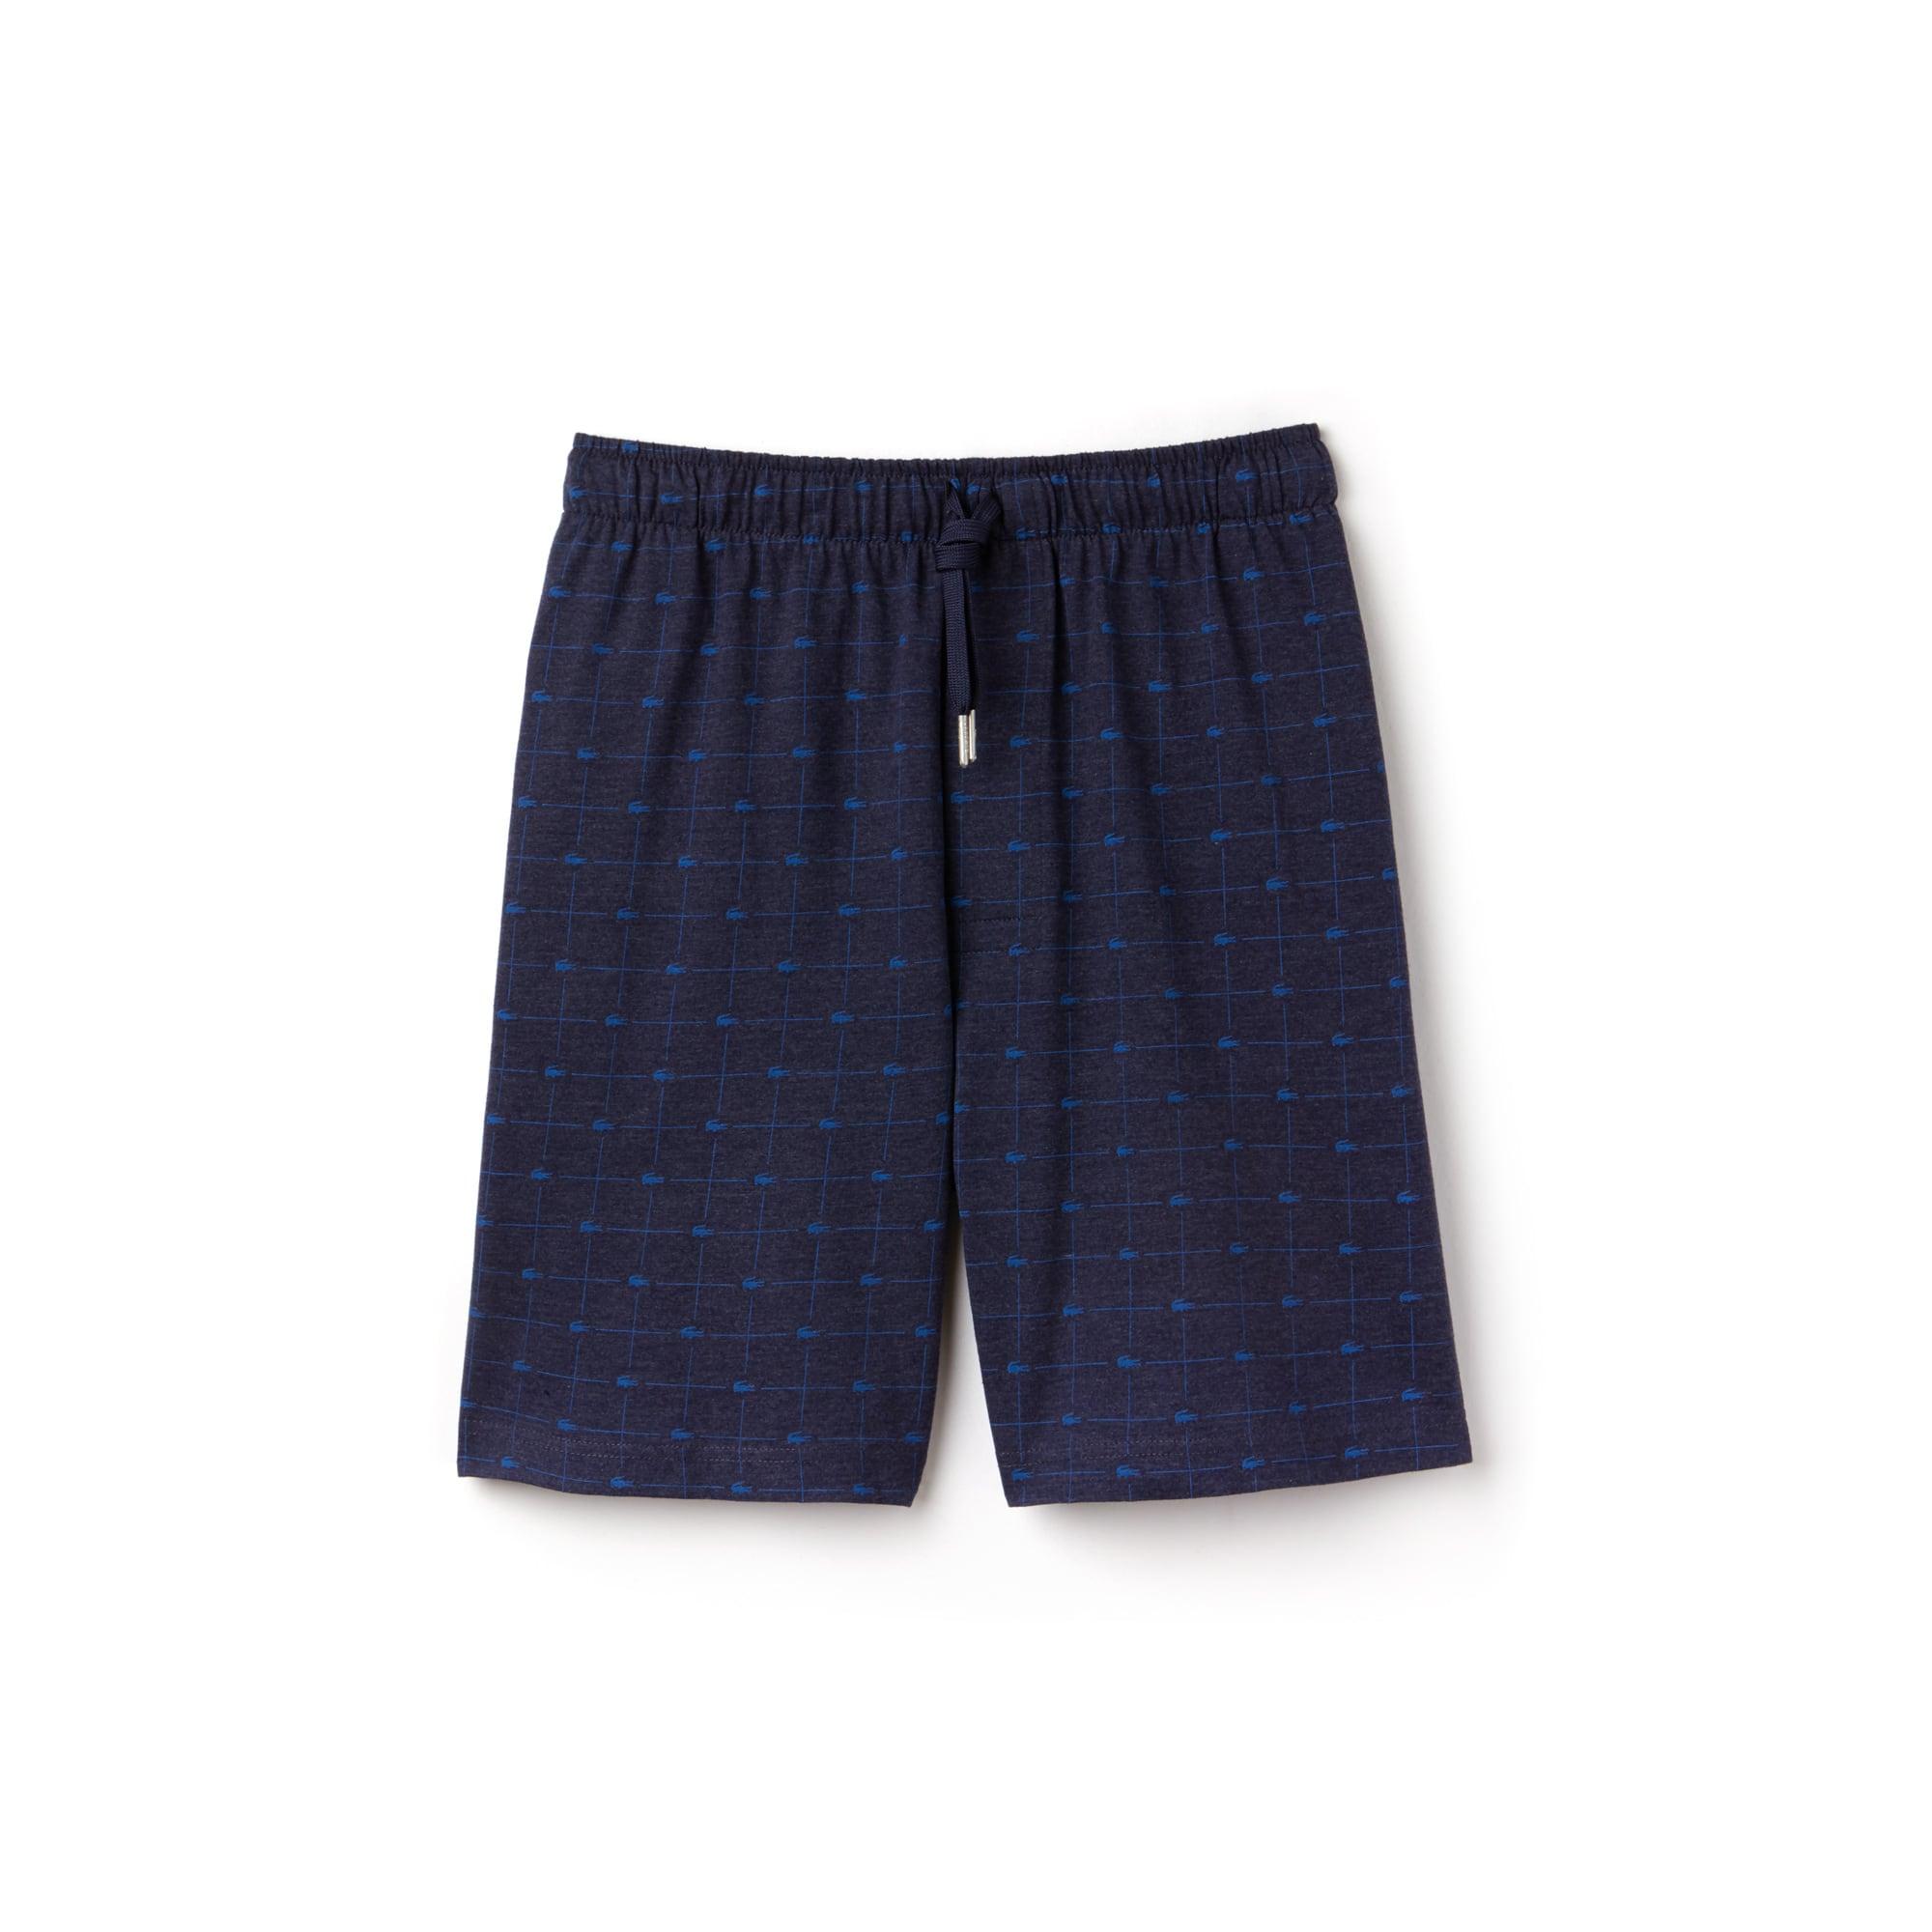 Men's Signature Print Knit Short